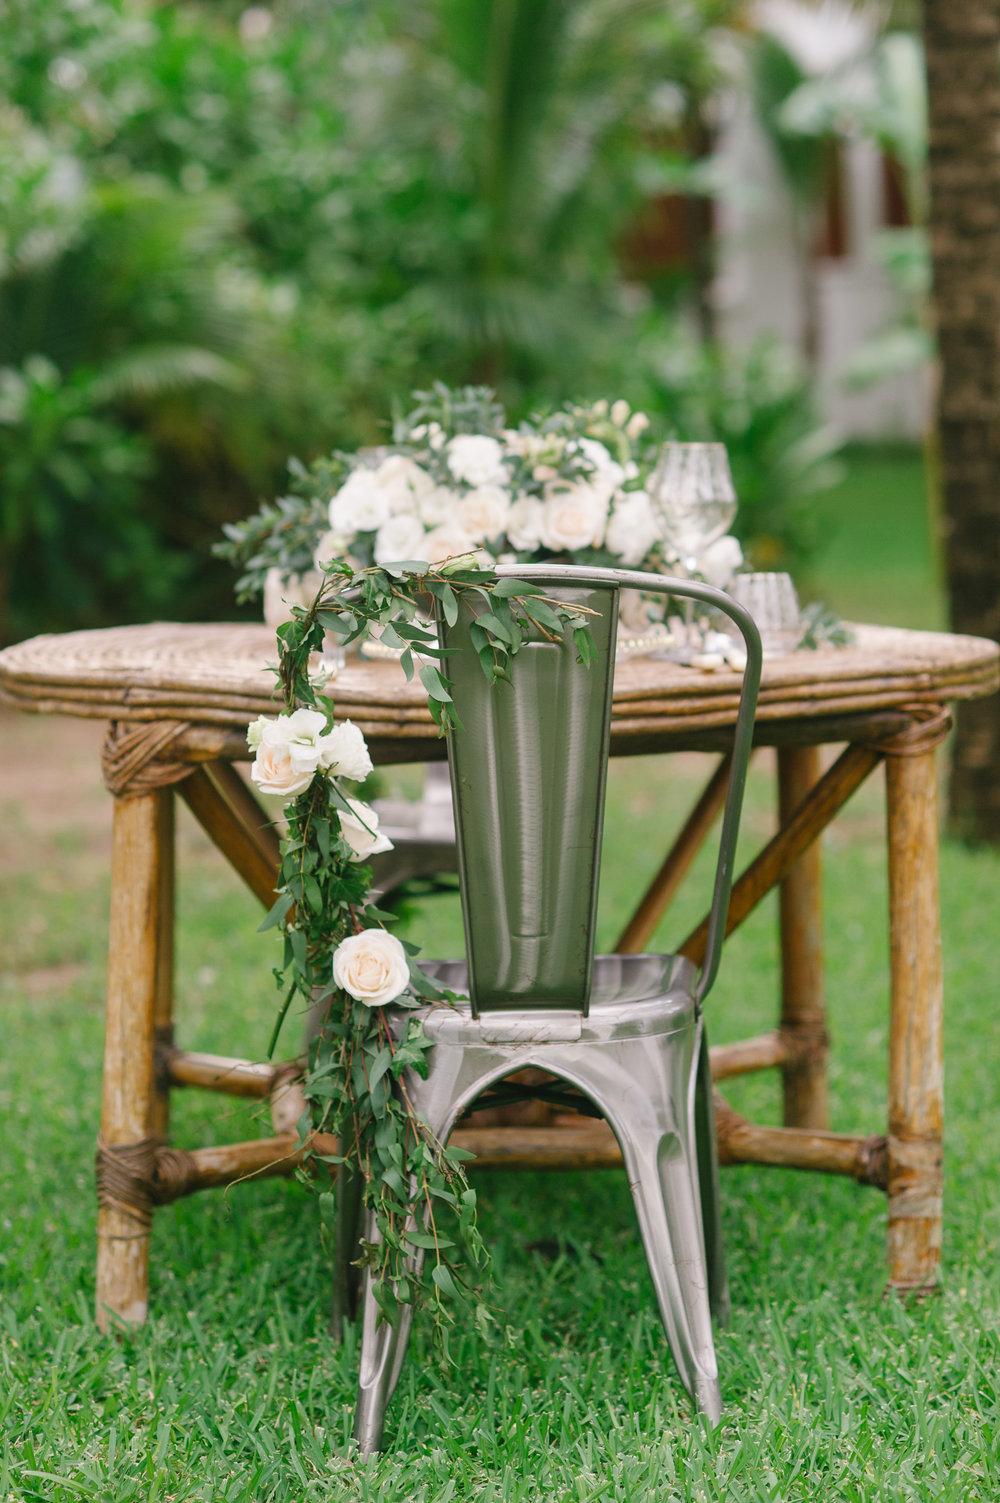 Destination Wedding Decor - Mexico - www.theeventeur.com